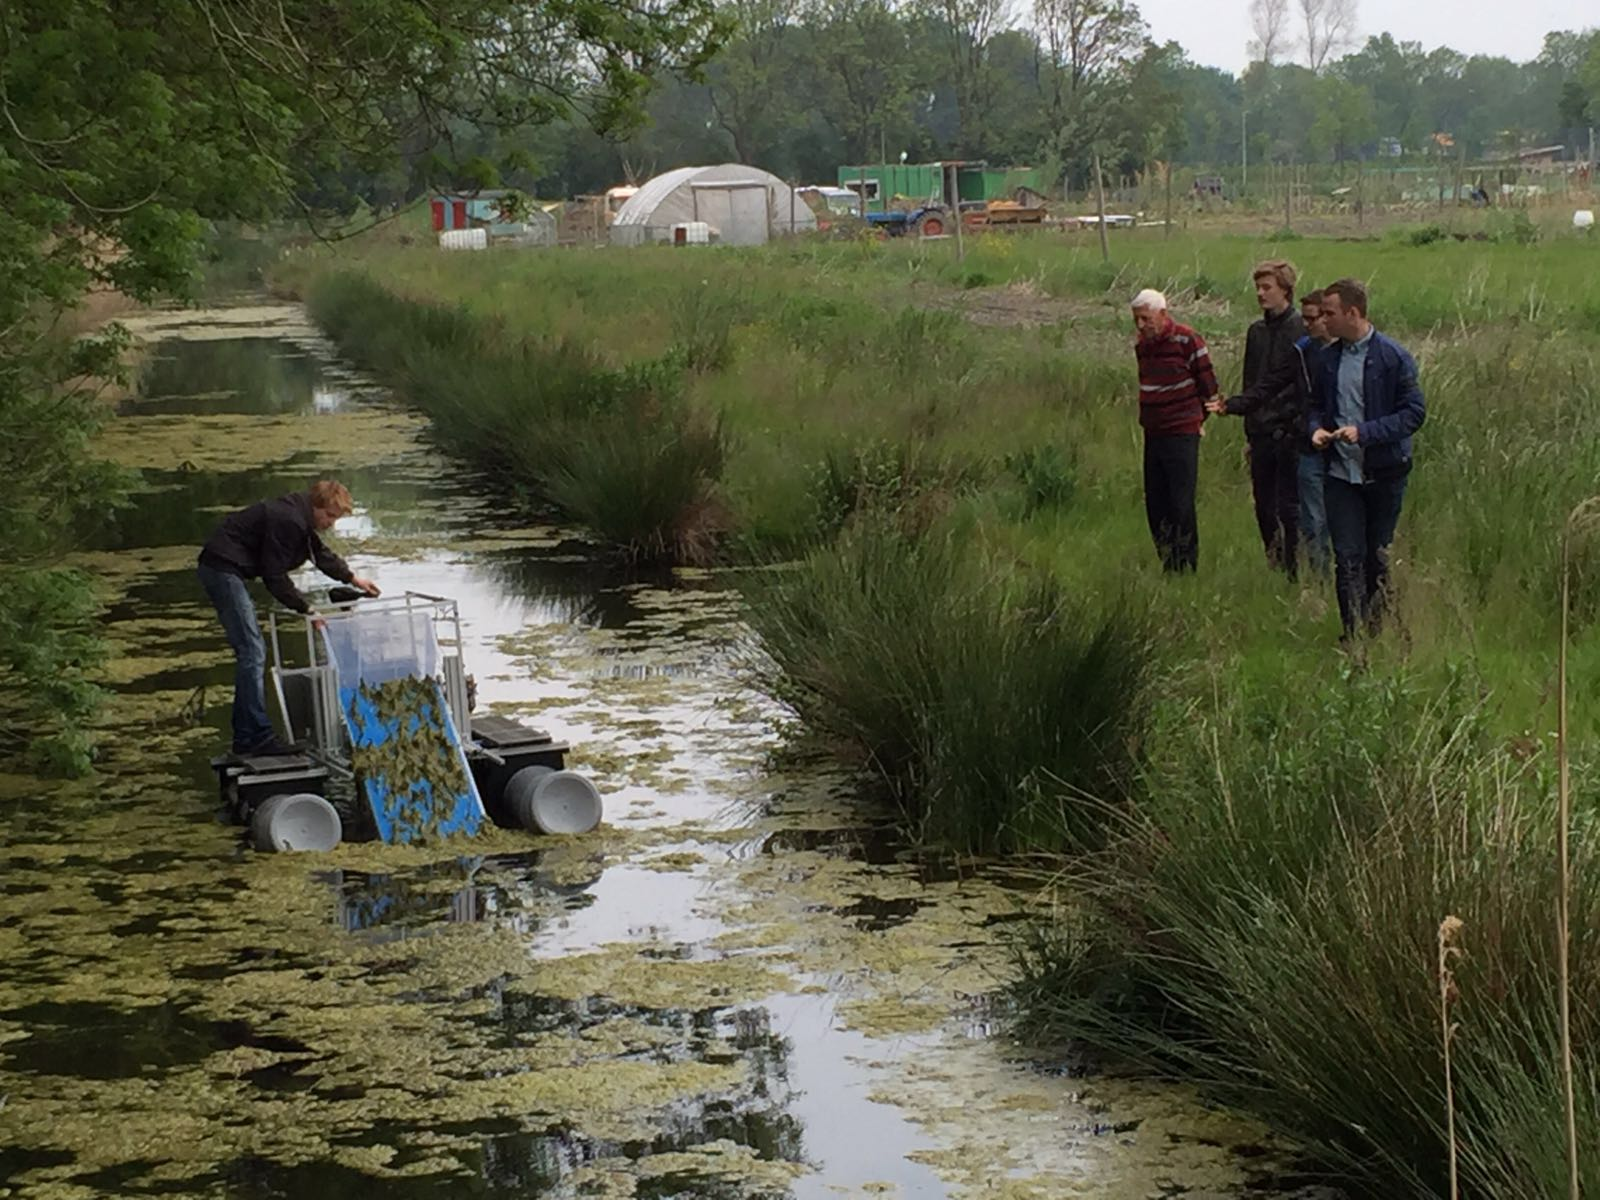 De Tuinen Van West Amsterdam.Primeur Algenboot In Tuinen Van West